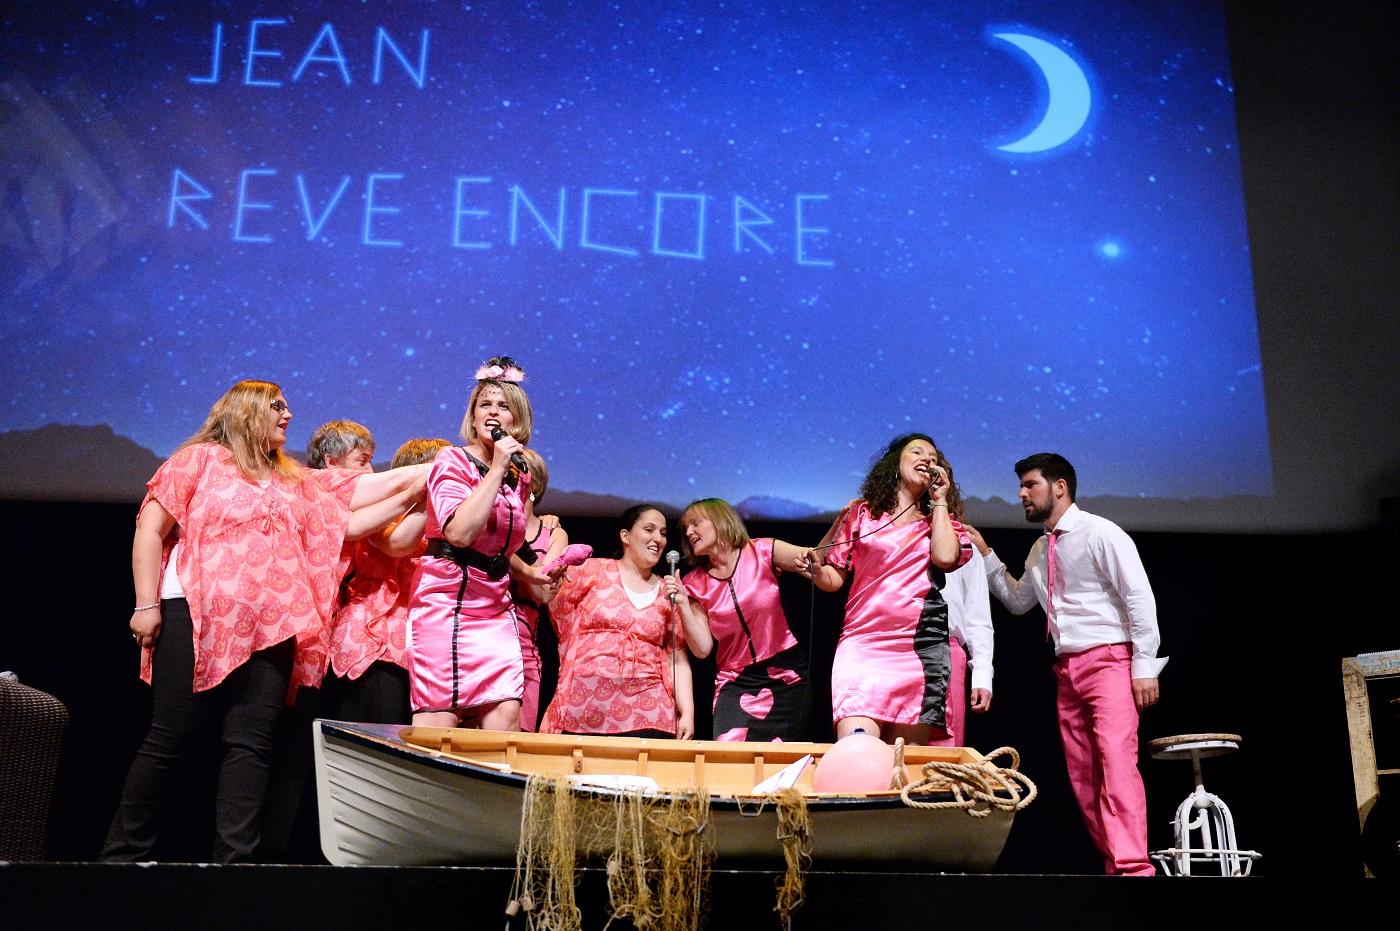 Maniafoly et esatco en spectacle à Saint-Brieuc